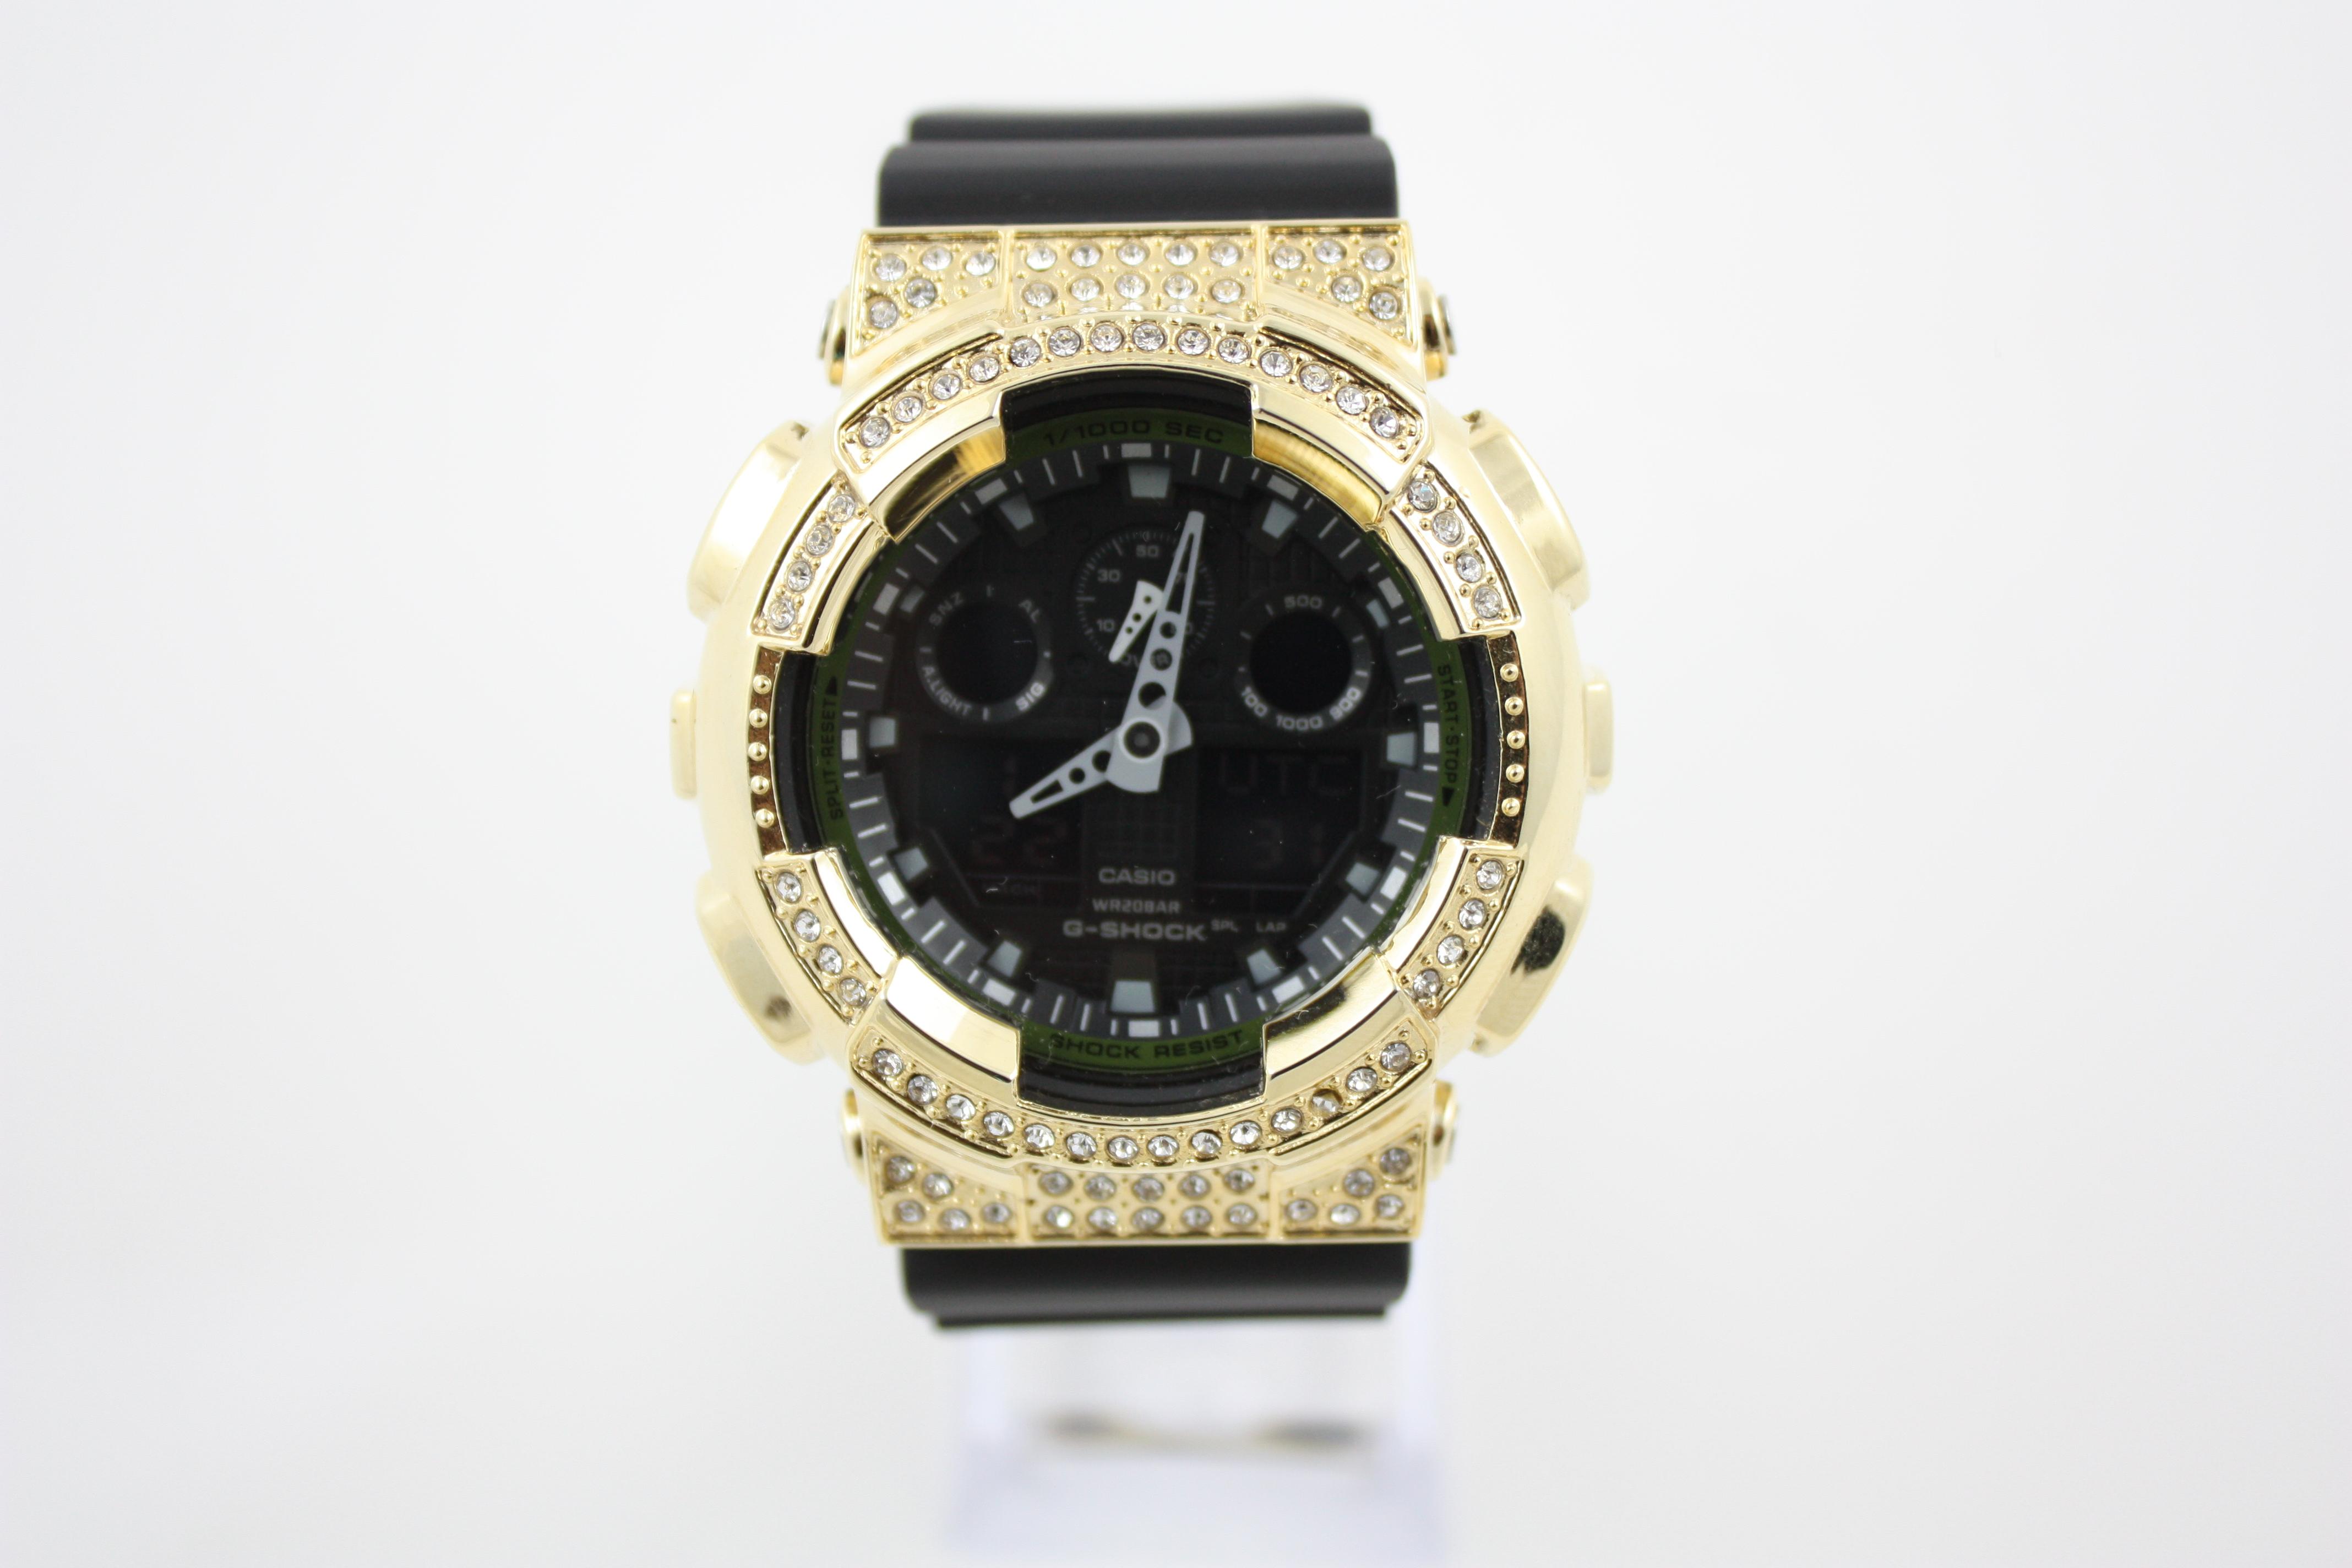 Orologio casio g schock personalizzato con cover in cristalli